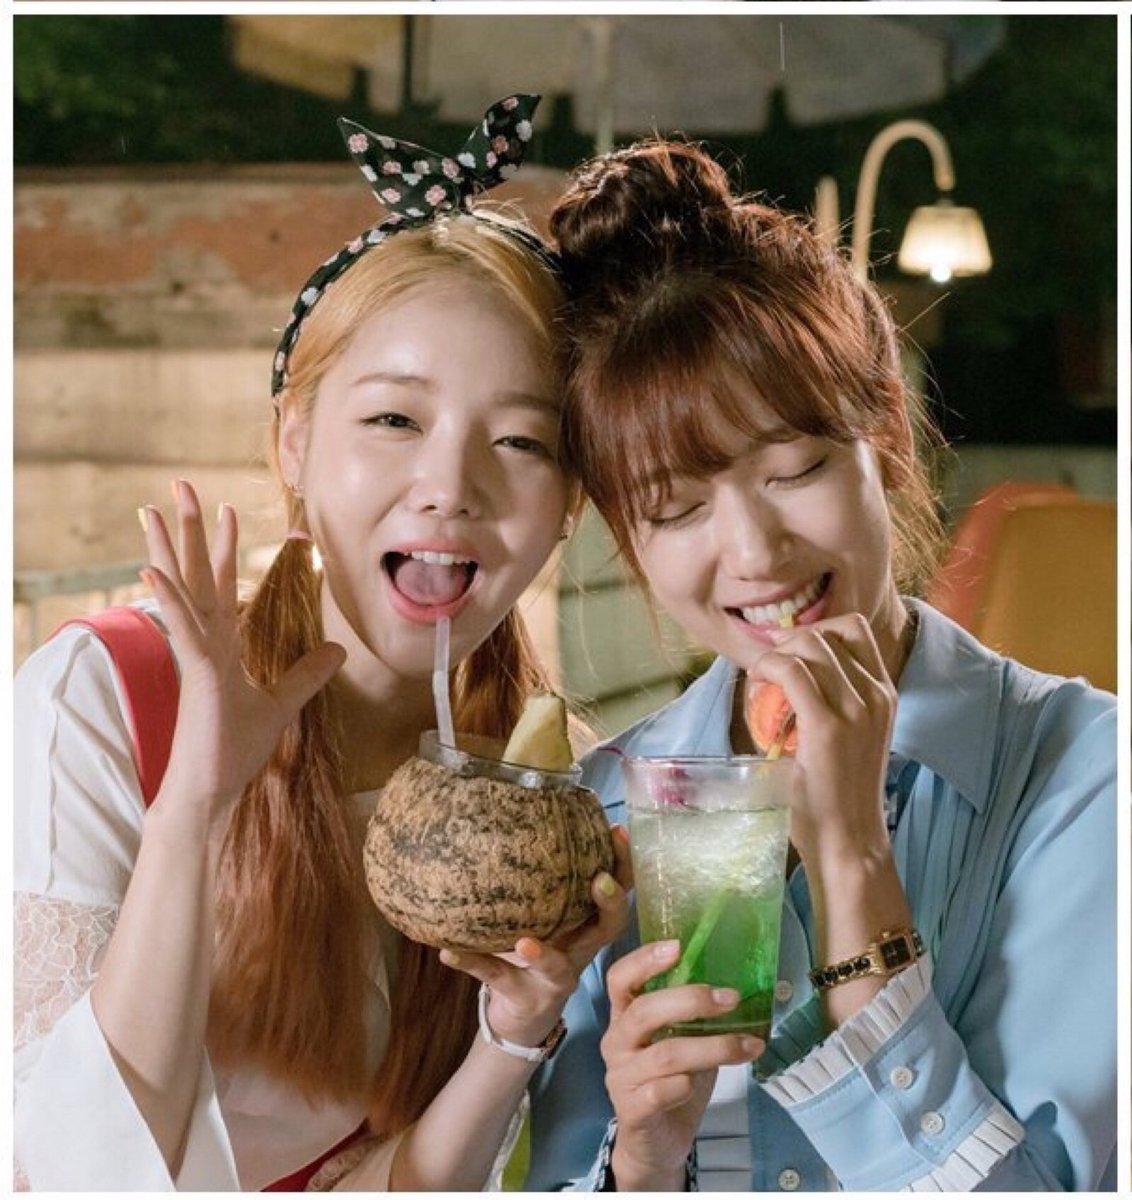 doctors drama Cheon Soon-hee ile ilgili görsel sonucu